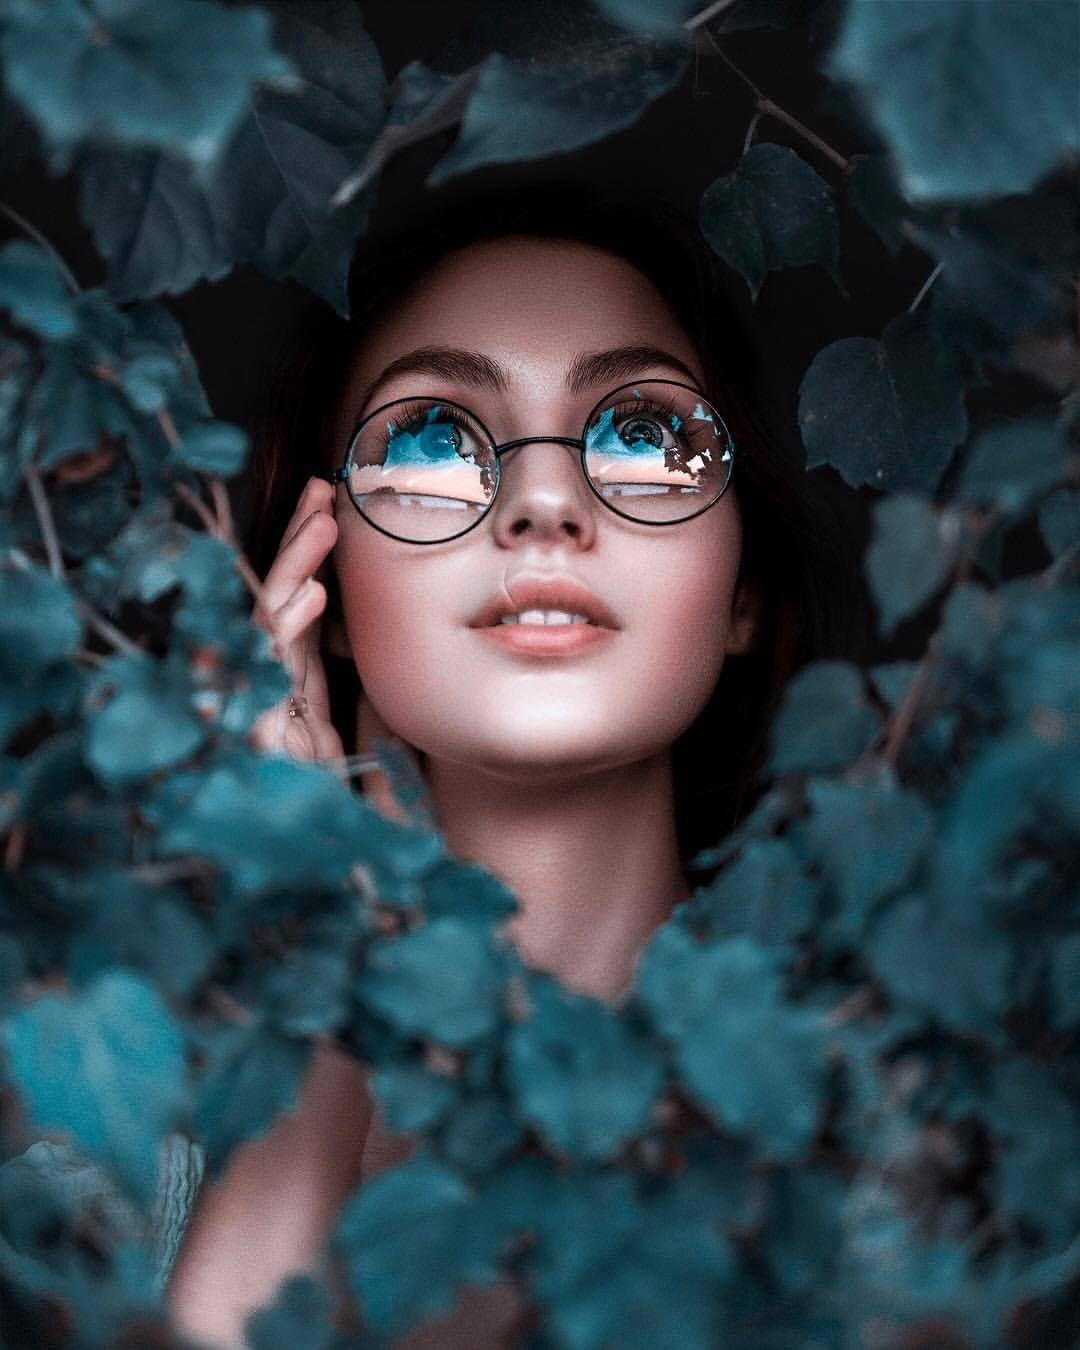 35 Self Portrait Ideas – Cool Self Portrait Photography Ideas